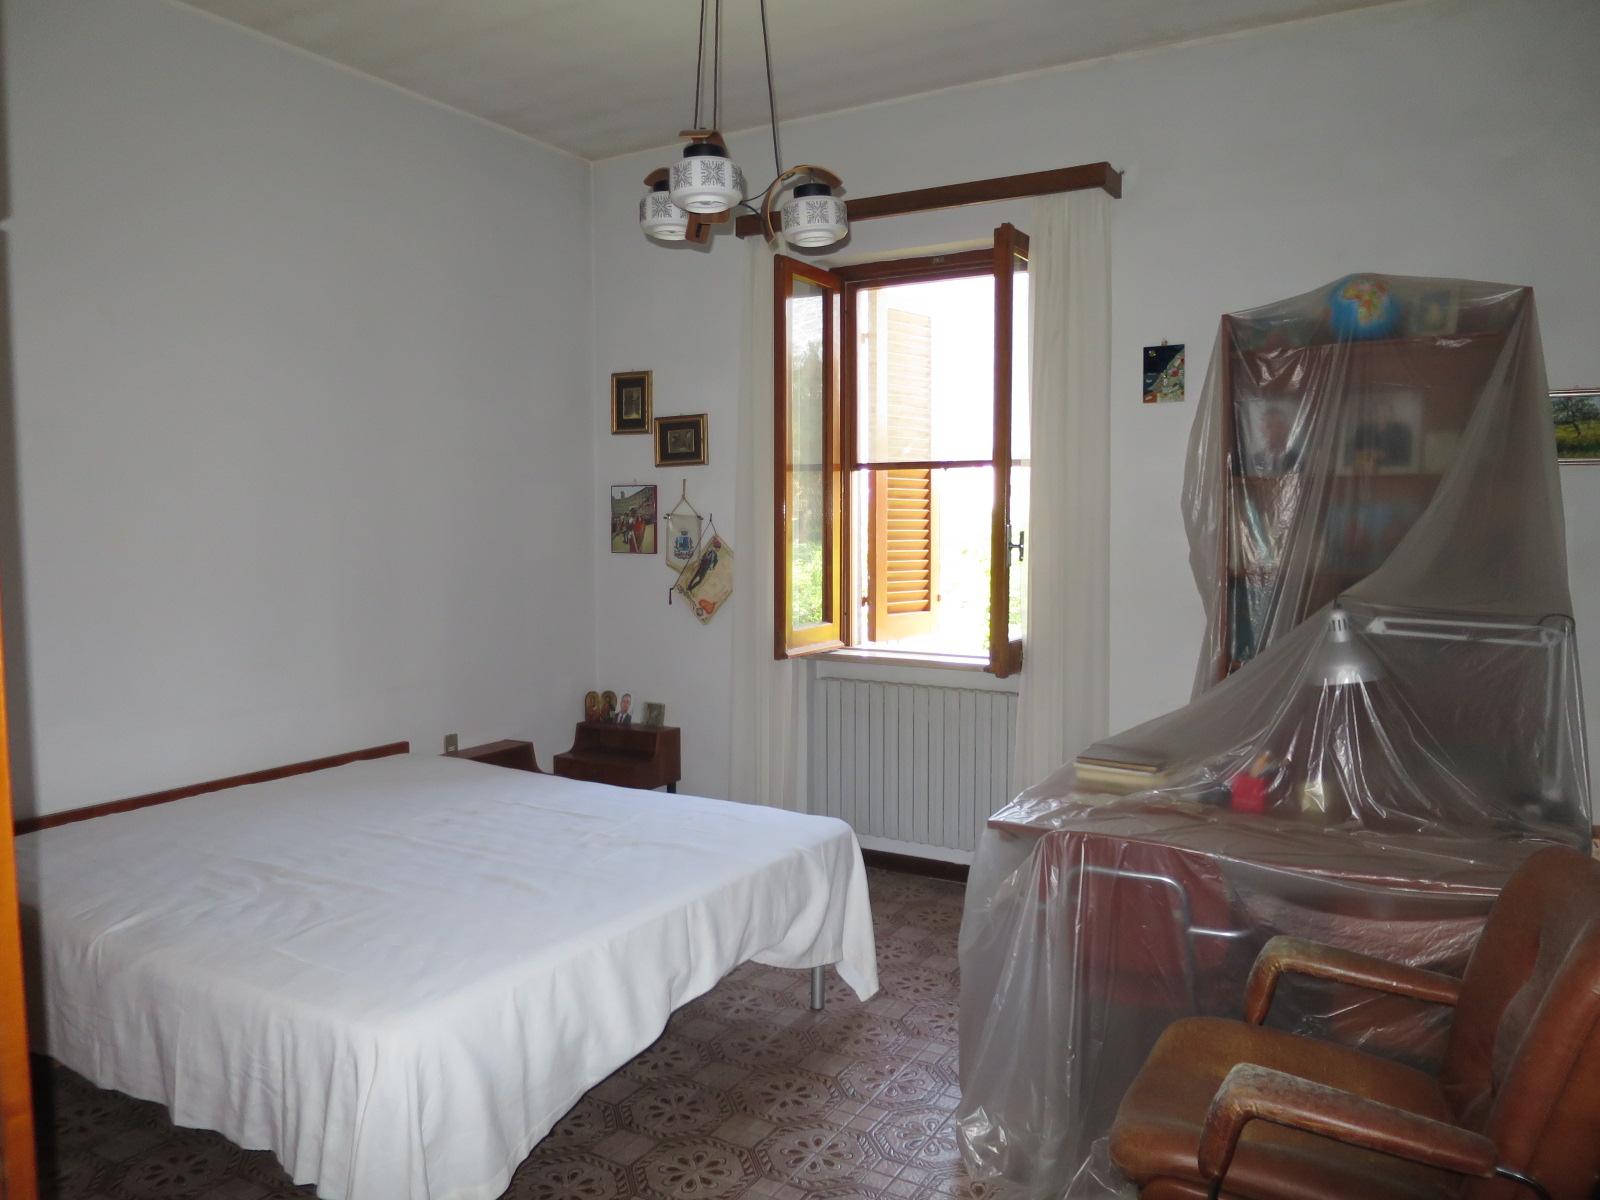 Villa Villa for sale Roseto degli Abruzzi (TE), Villa del Marinaio - Roseto degli Abruzzi - EUR 385.559 650